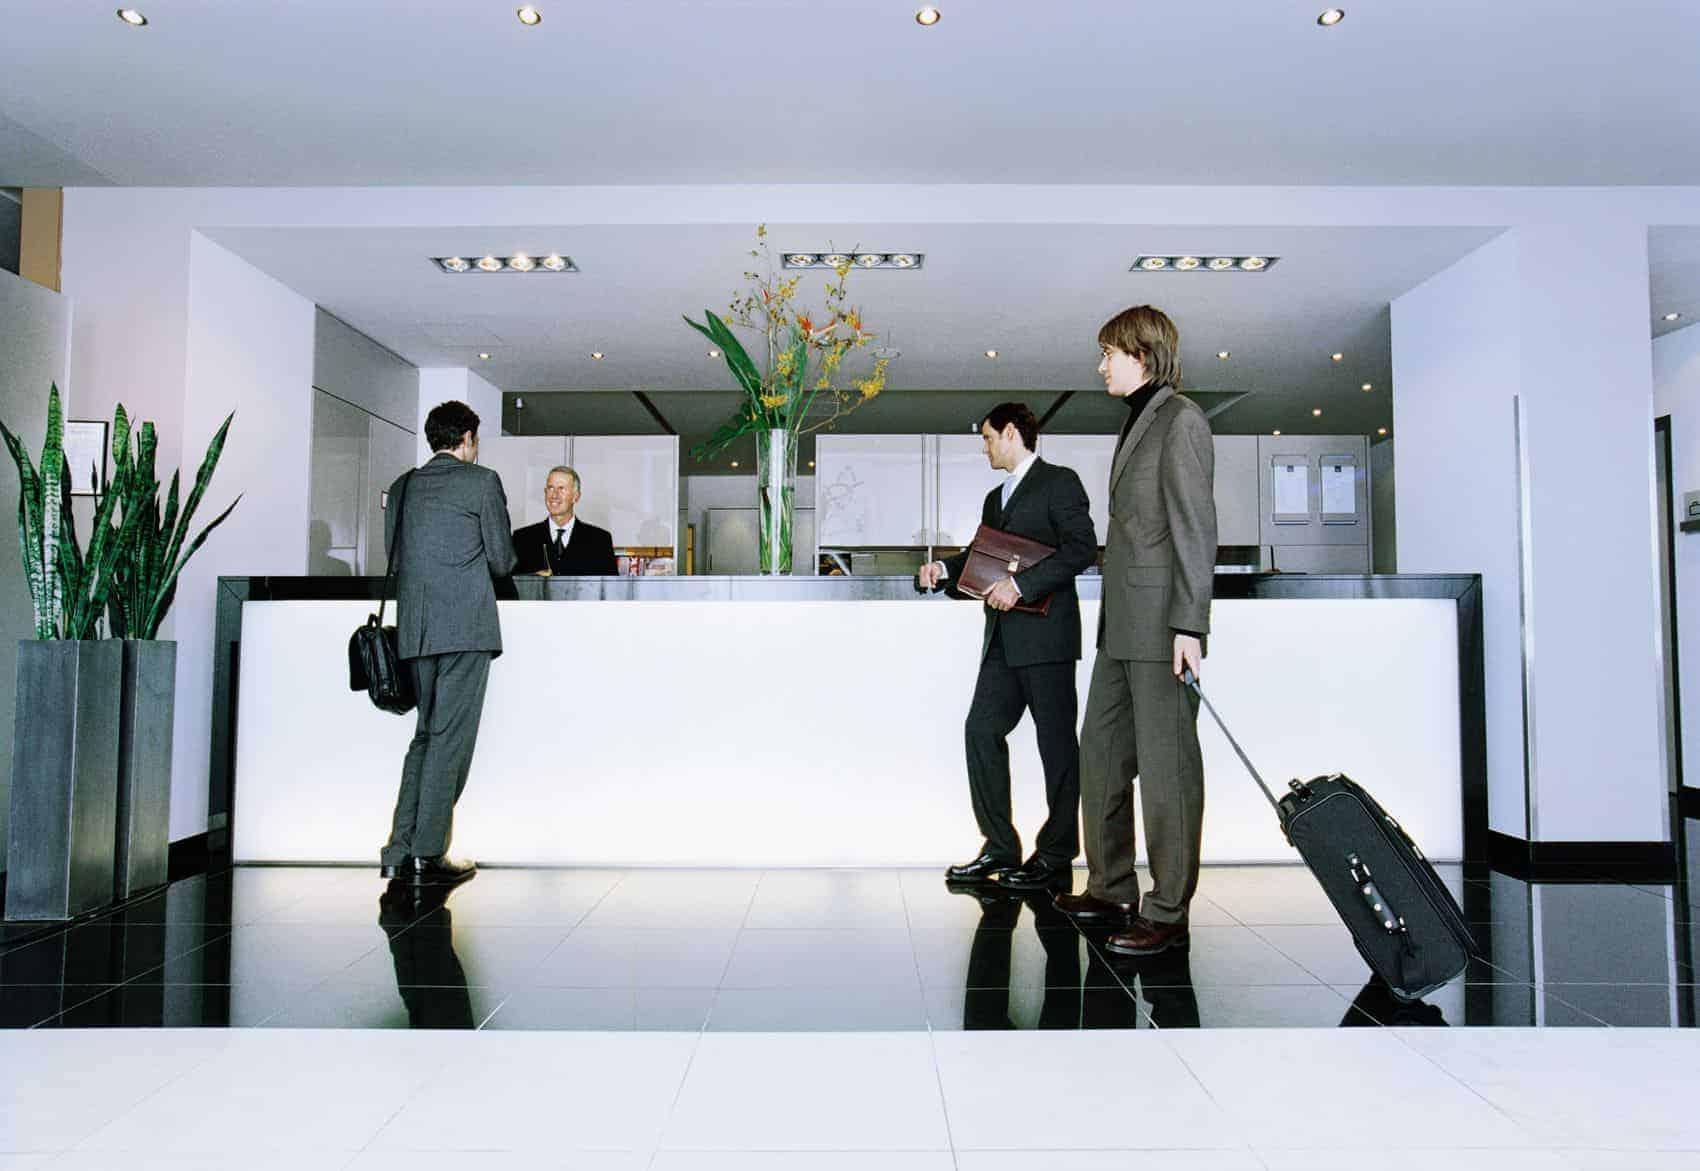 Hiểu rõ những đối tượng khách lưu trú để kinh doanh khách sạn hiệu quả